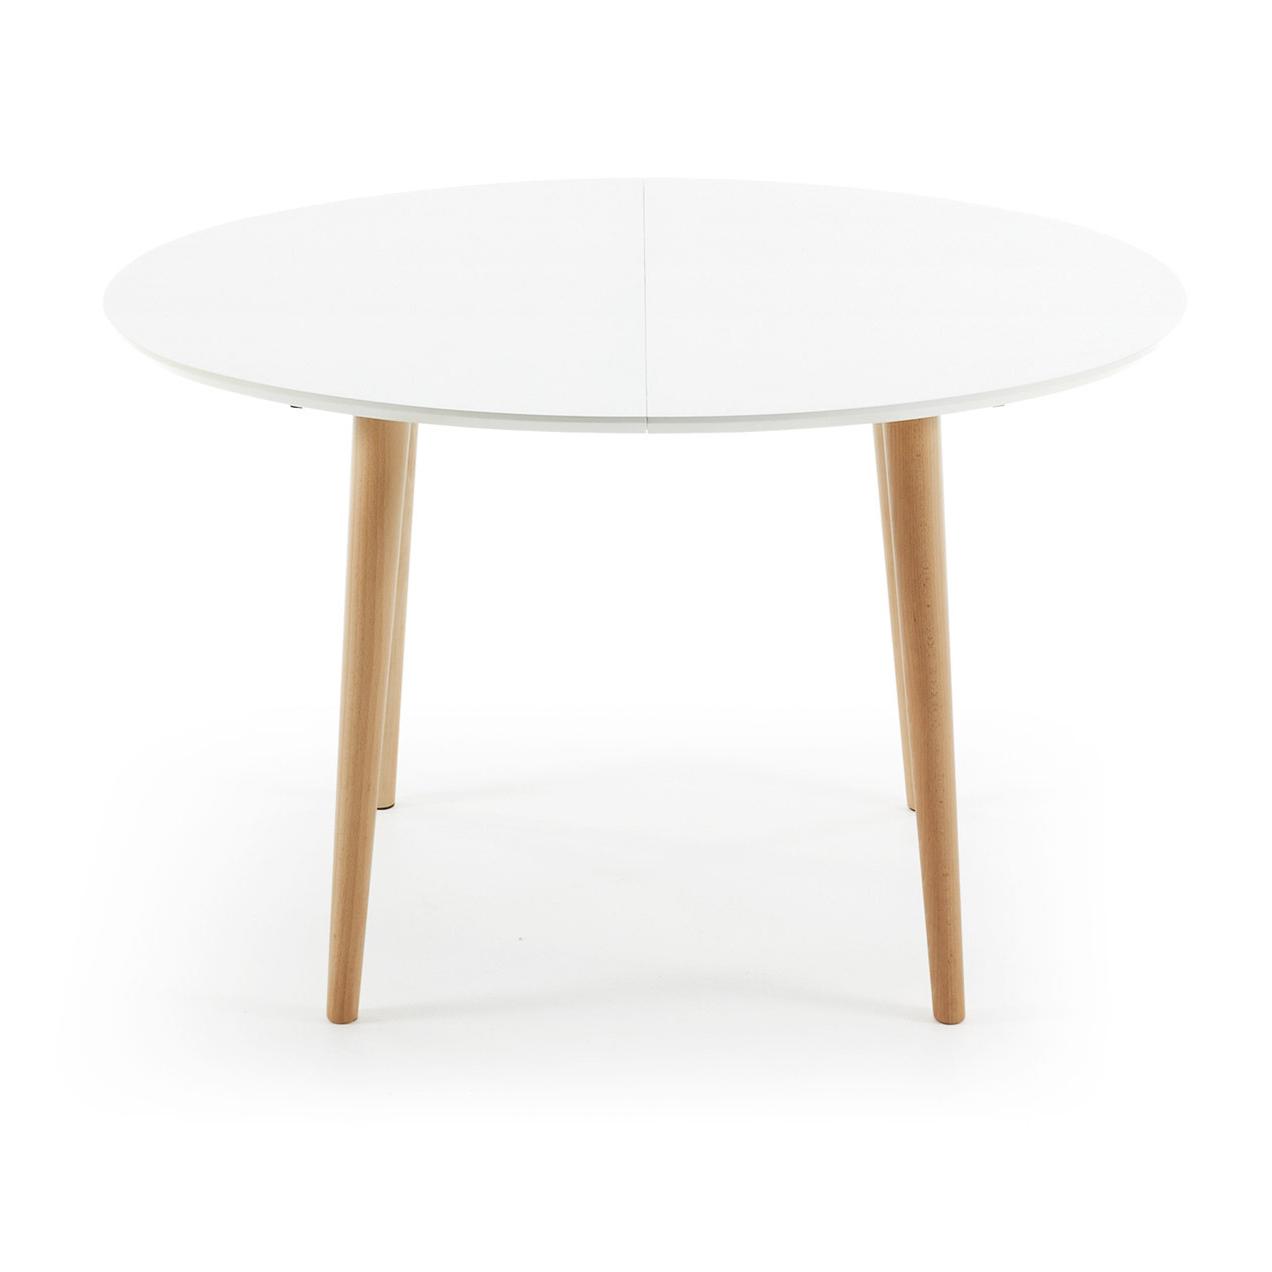 Kave Home uitschuifbare eettafel 'Oqui' (120 - 200), kleur wit